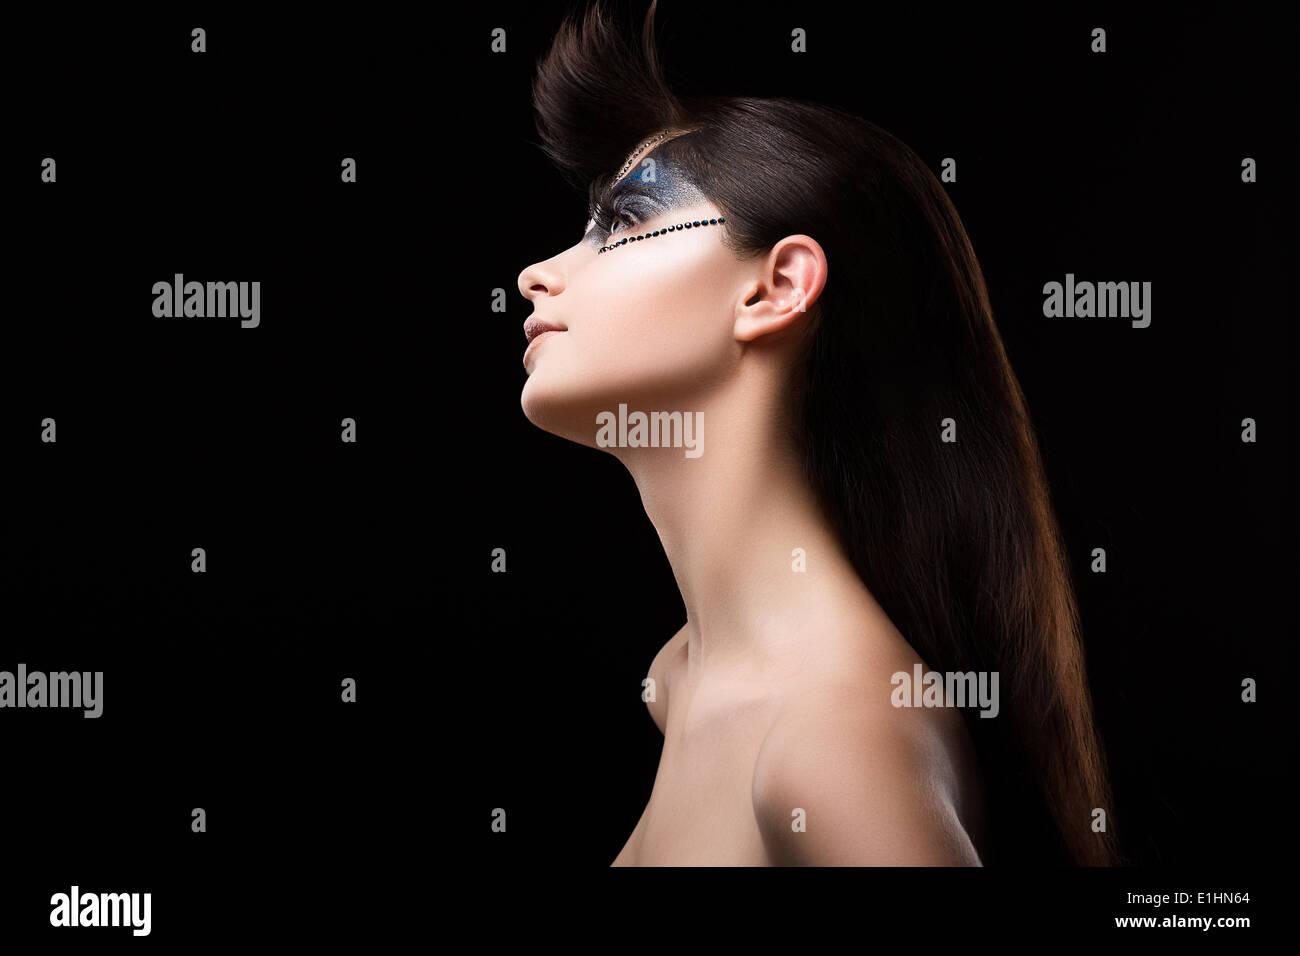 Glitzer. Profil von Brown Hair Woman mit blauen Lidschatten und Strass auf ihrem Gesicht Stockbild